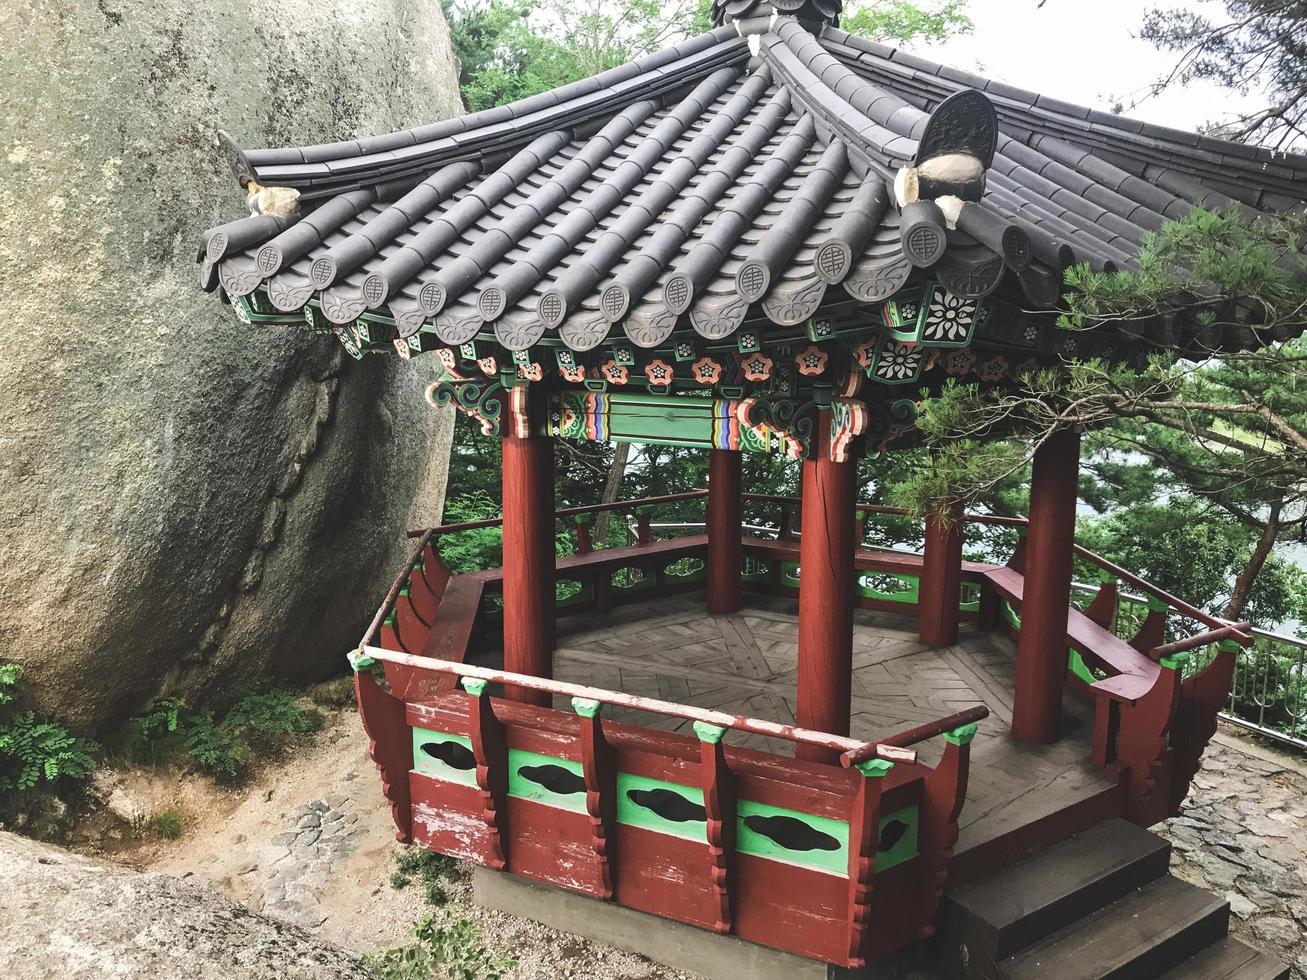 pergolato tradizionale coreano nel parco della città di sokcho, corea del sud foto